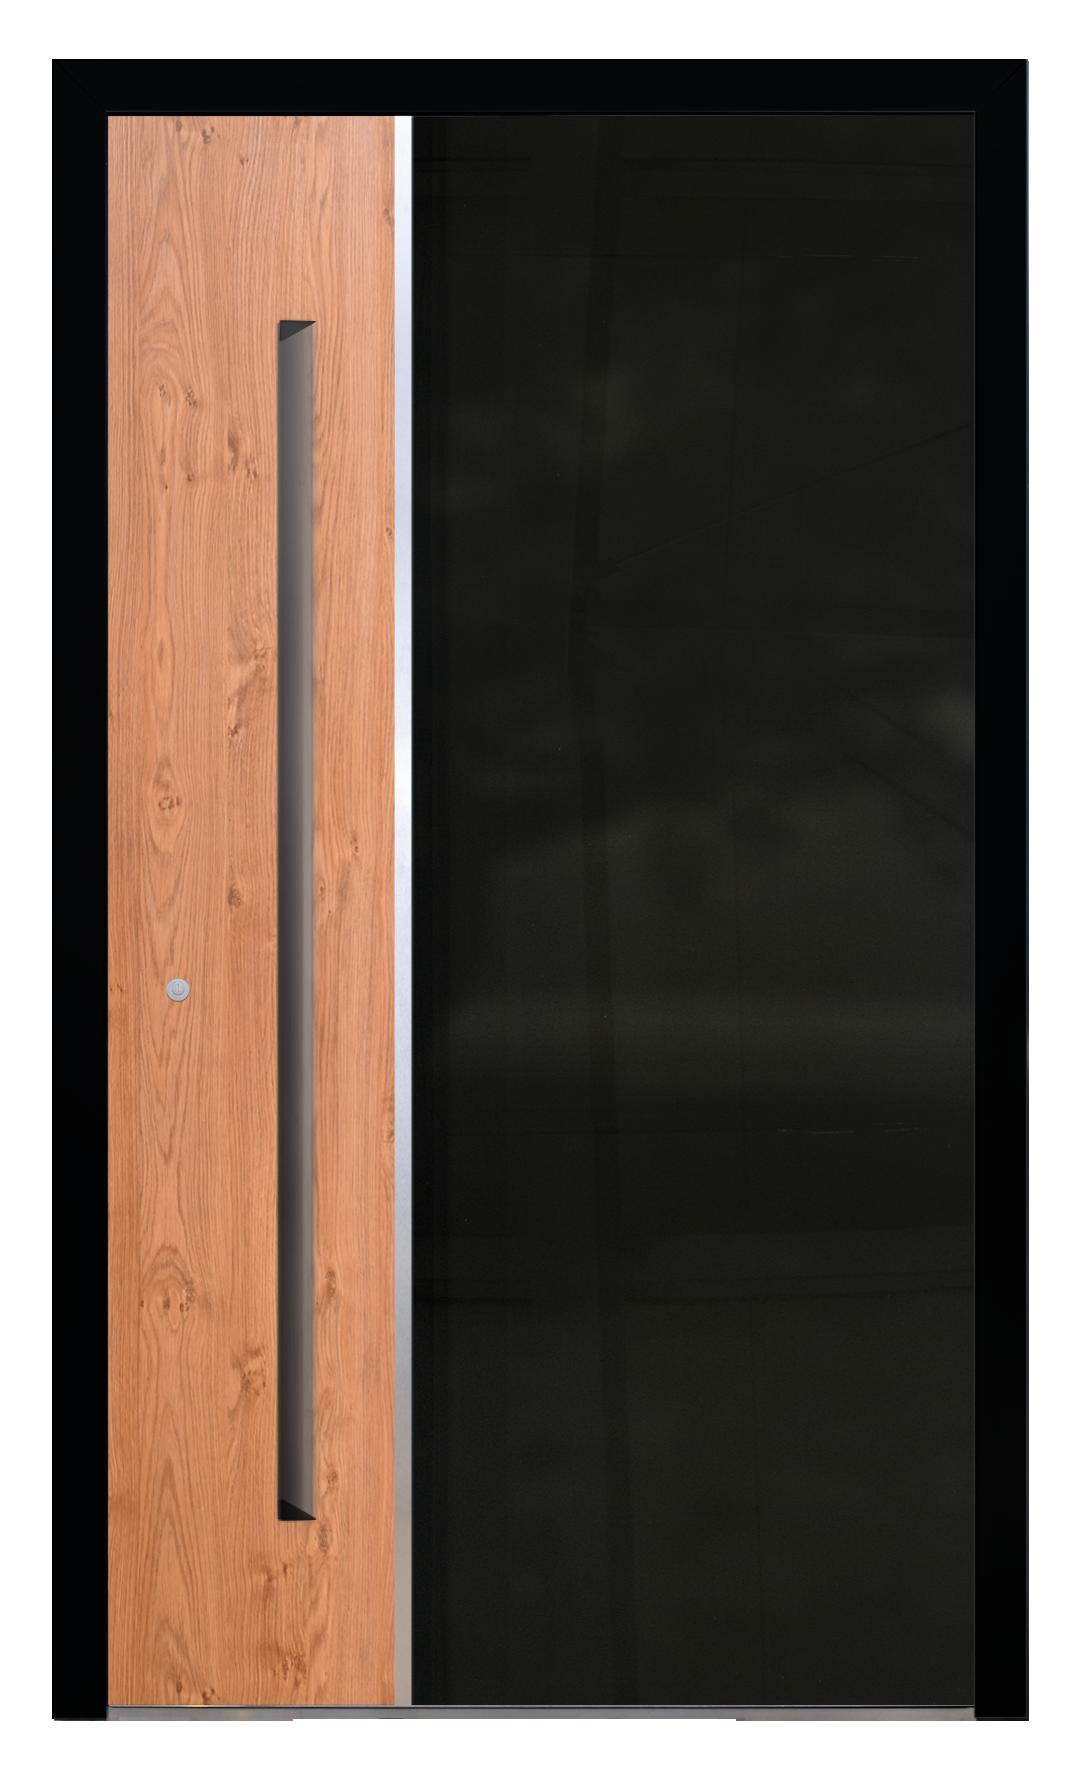 drzwi z aluminium - AL (19), kolor czarny z dekorem winchester, pochwyt długi ukryty, próg aluminiowy z przegrodą termiczną